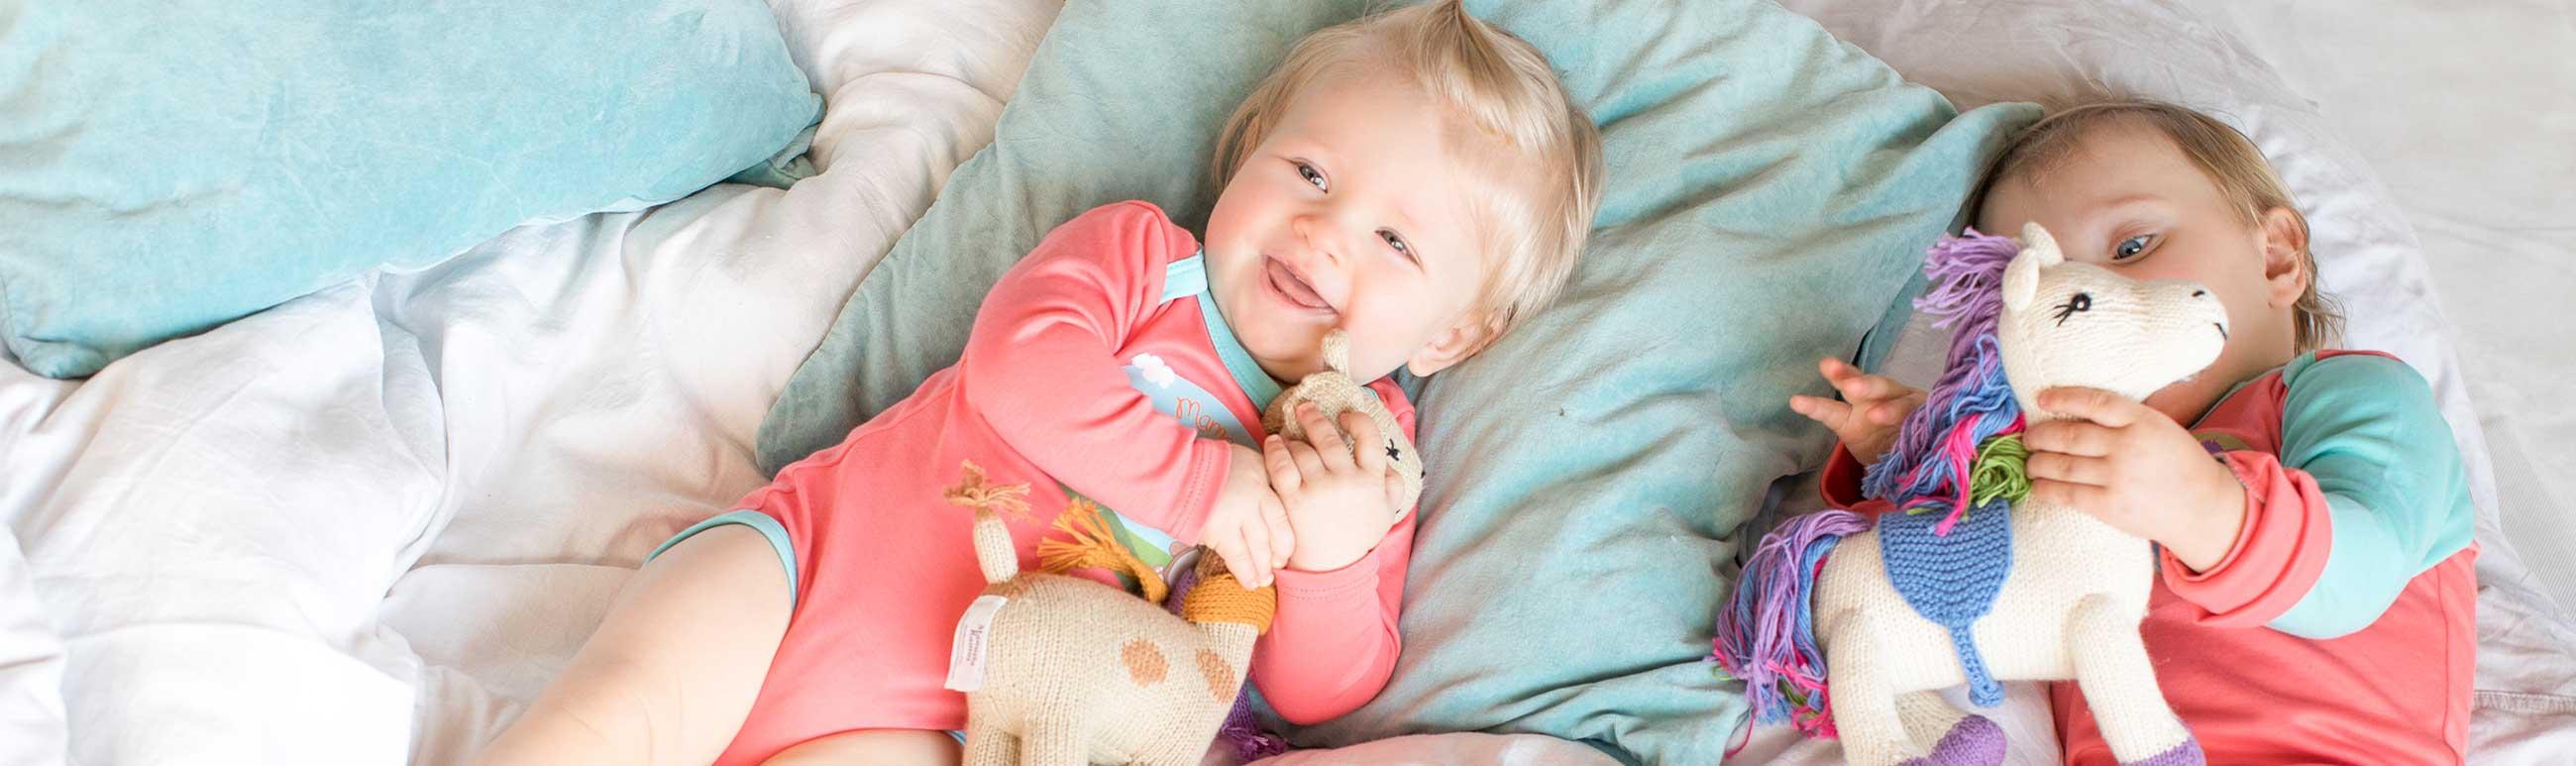 Babykleidung_Biobaumwolle_Pima_Cotton_Hautverträglich_Gesund_Schadstofffrei_Erstlingsset_Kliniktasche